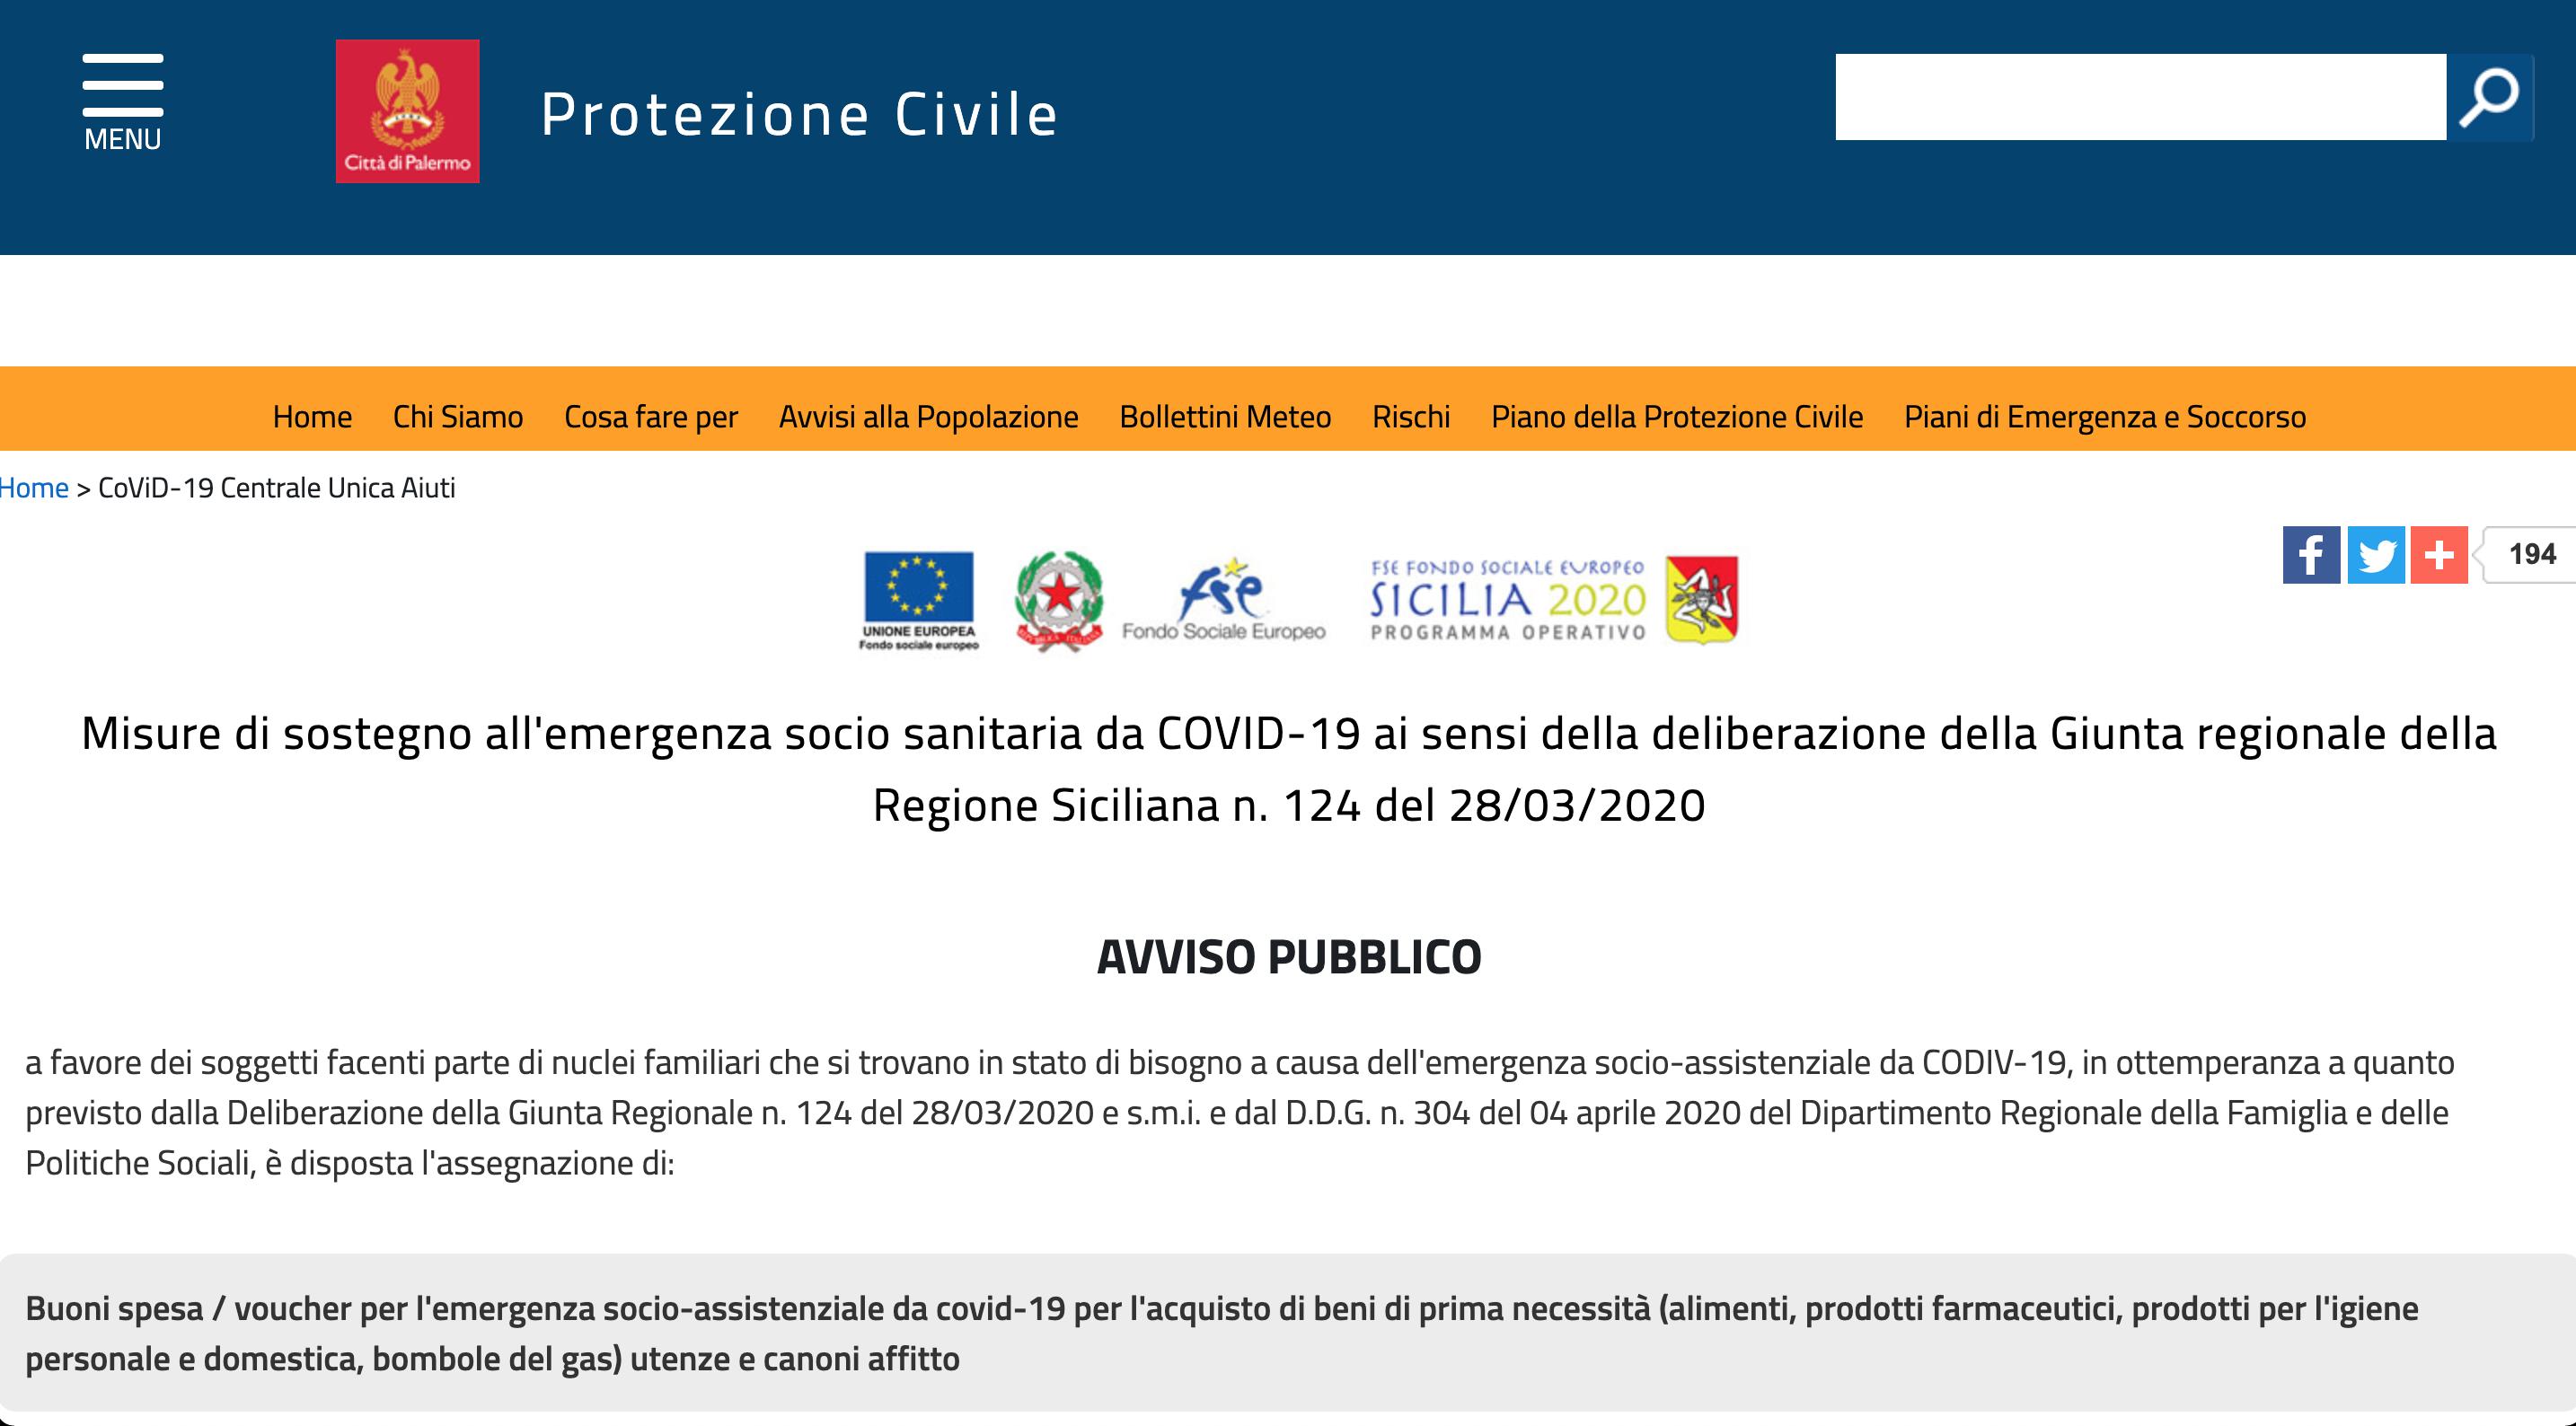 Misure di sostegno all'emergenza socio sanitaria da COVID-19